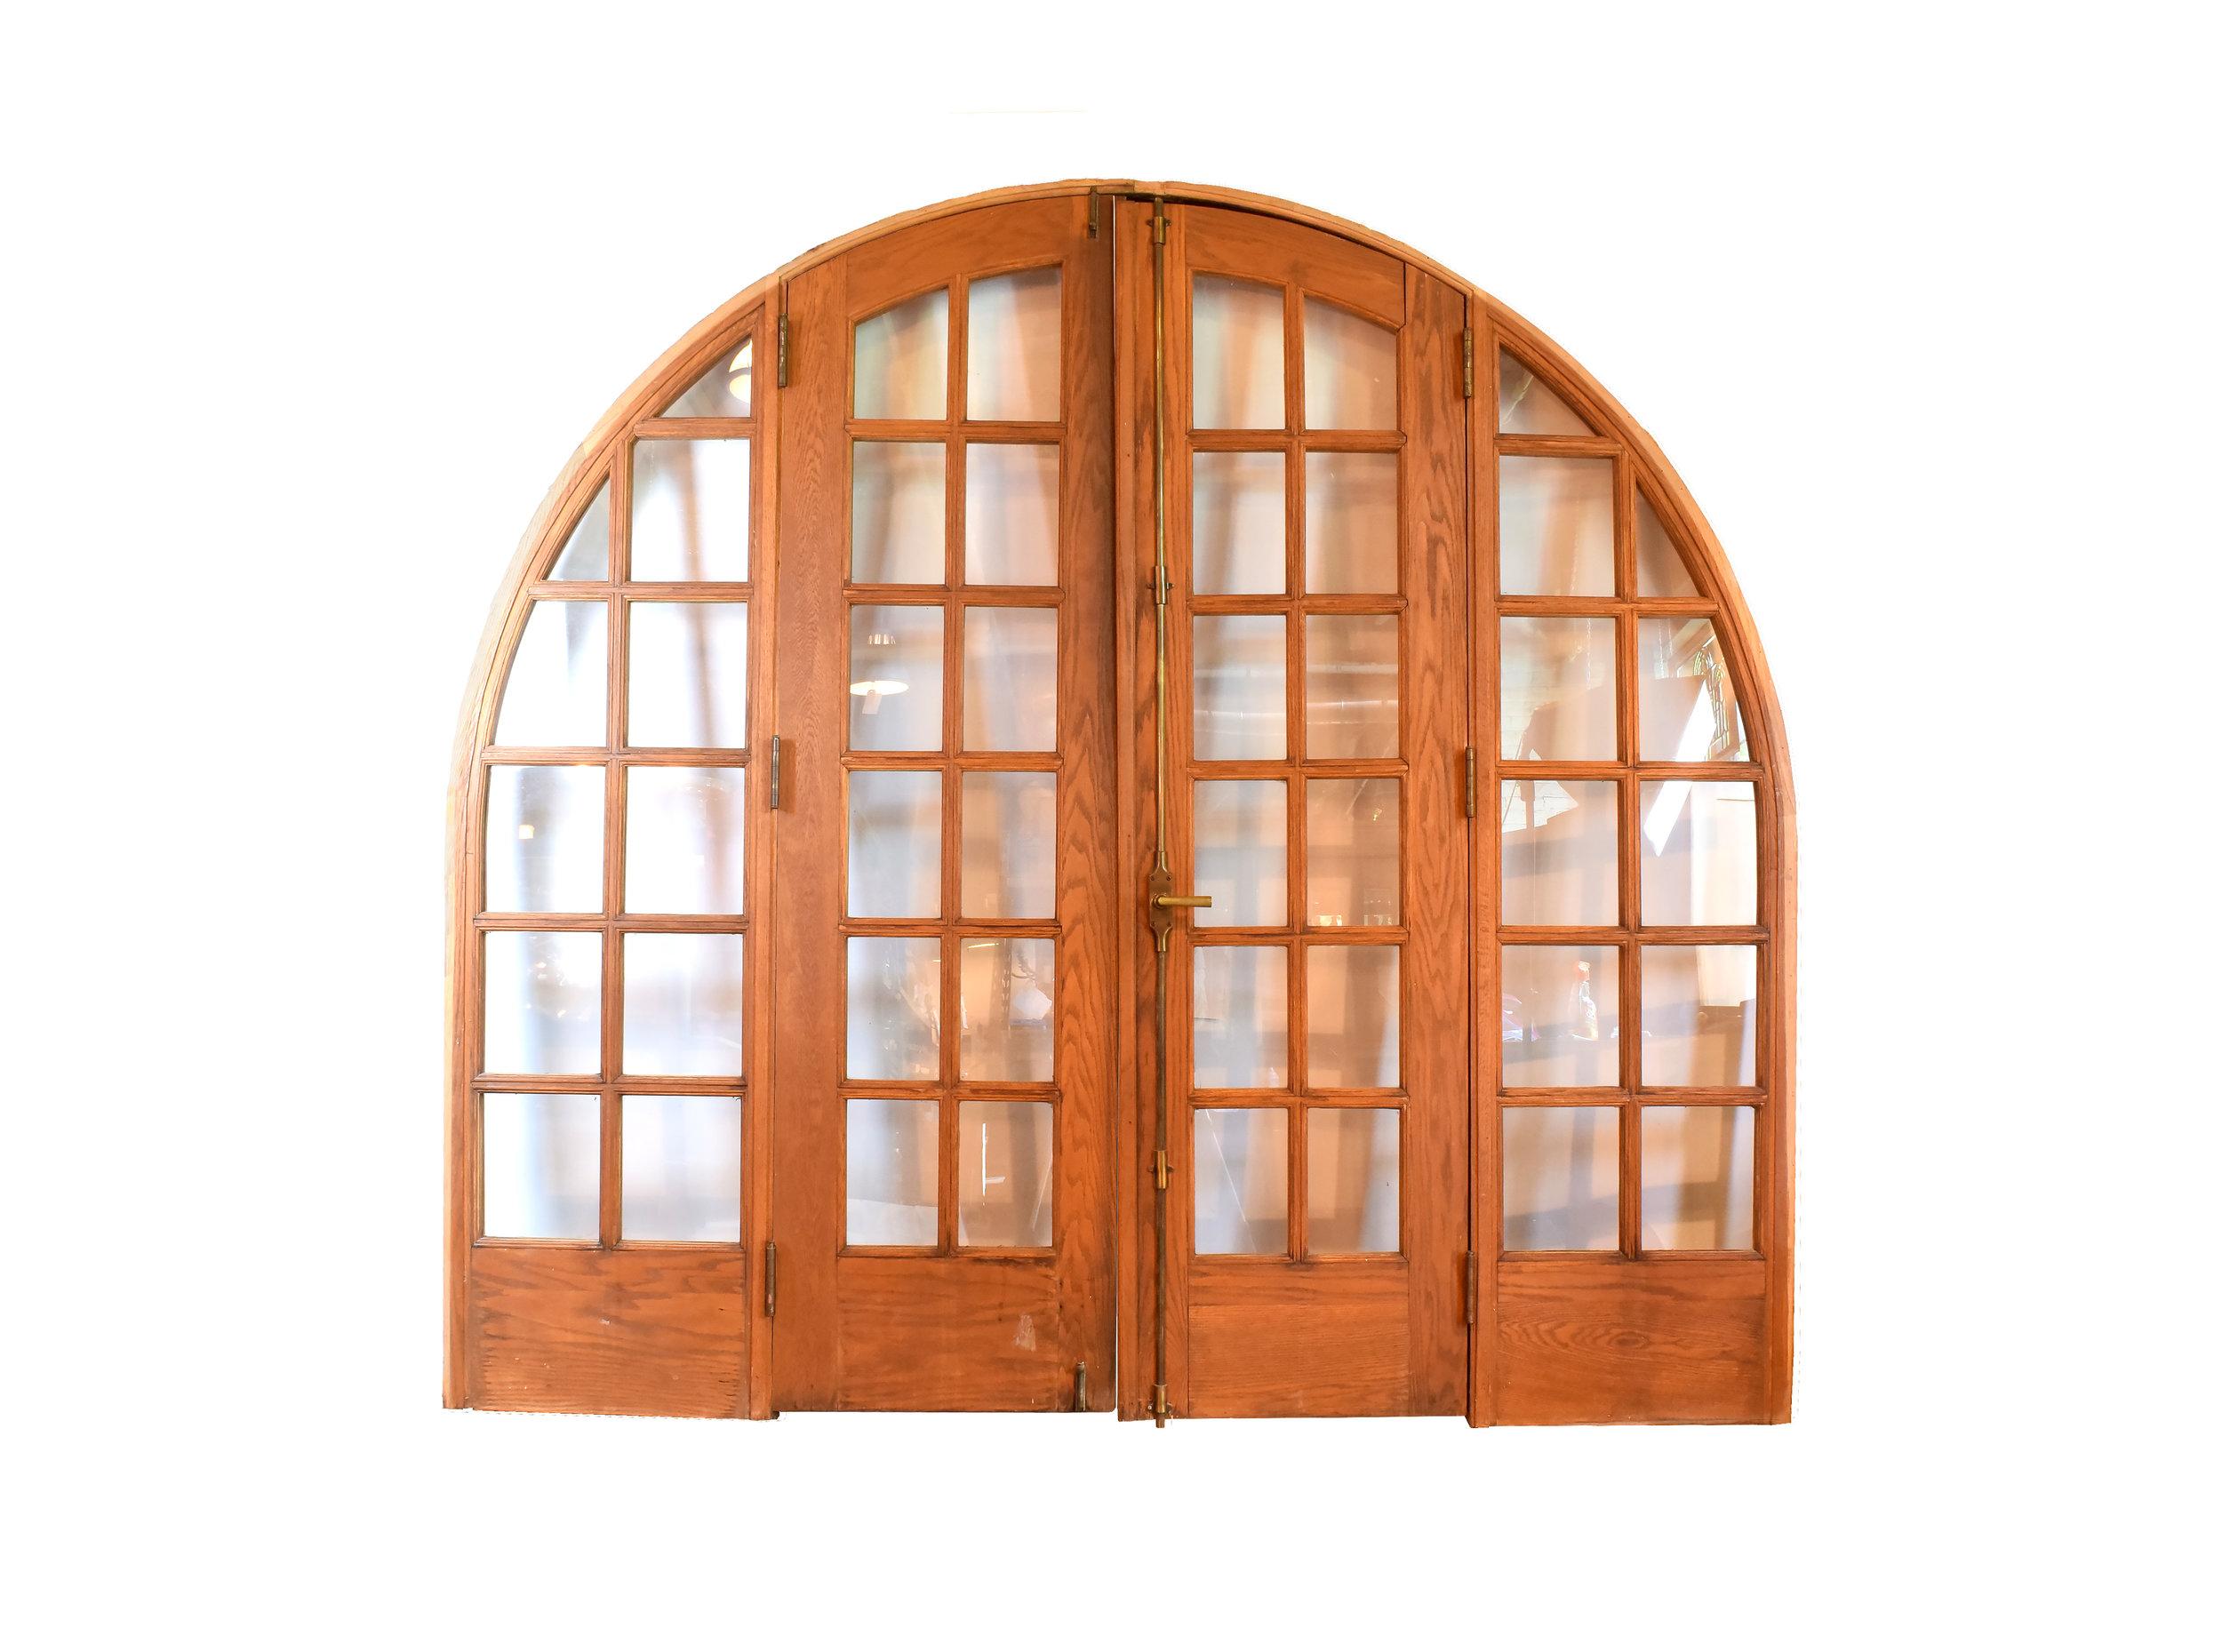 Architectural Antique's Large Arched Door Unit